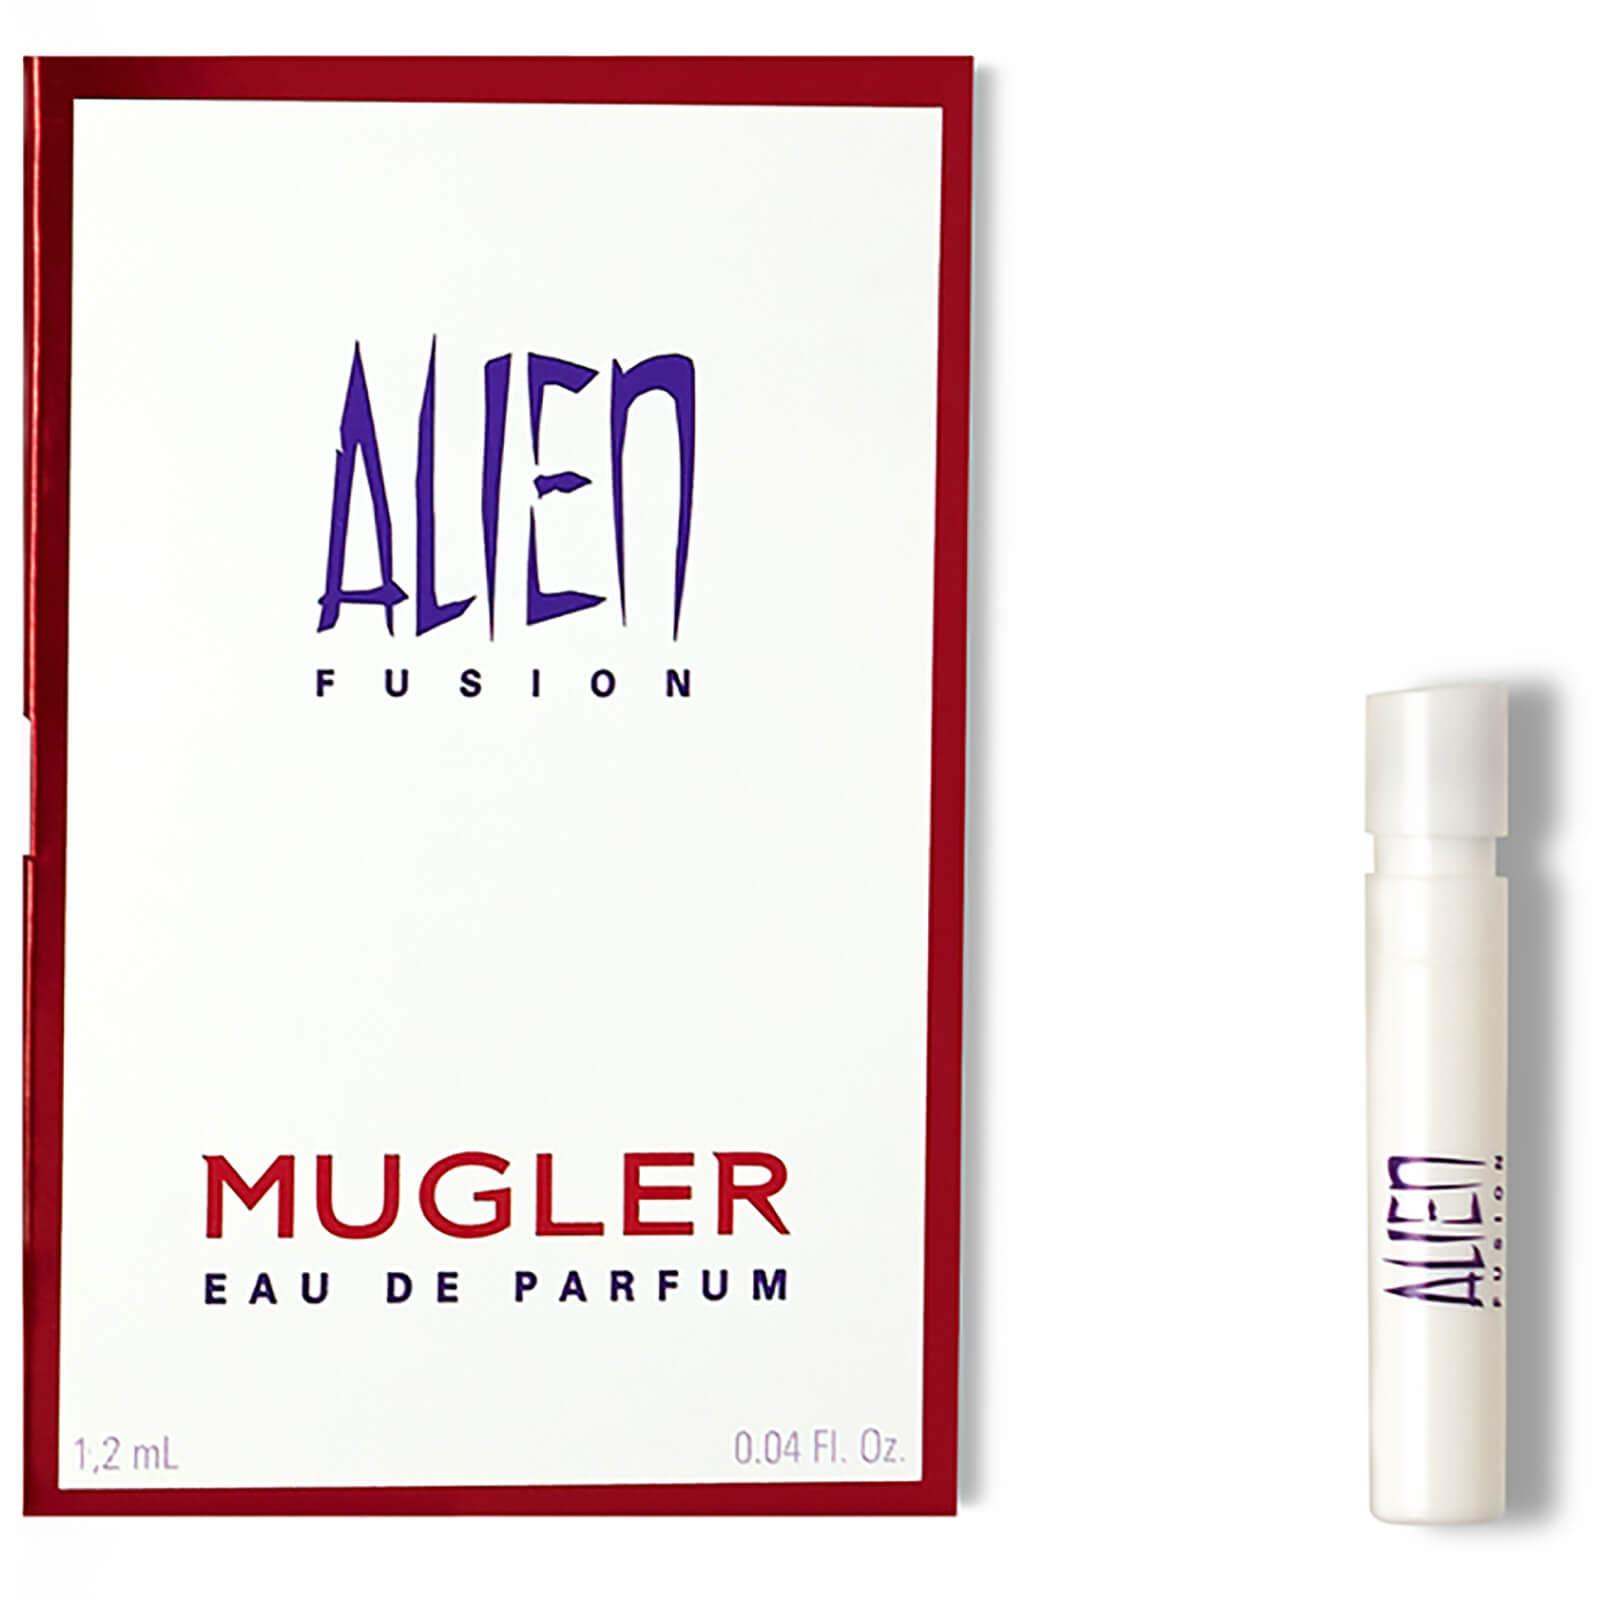 Mugler Alien Fusion Eau De Parfum Glossybox